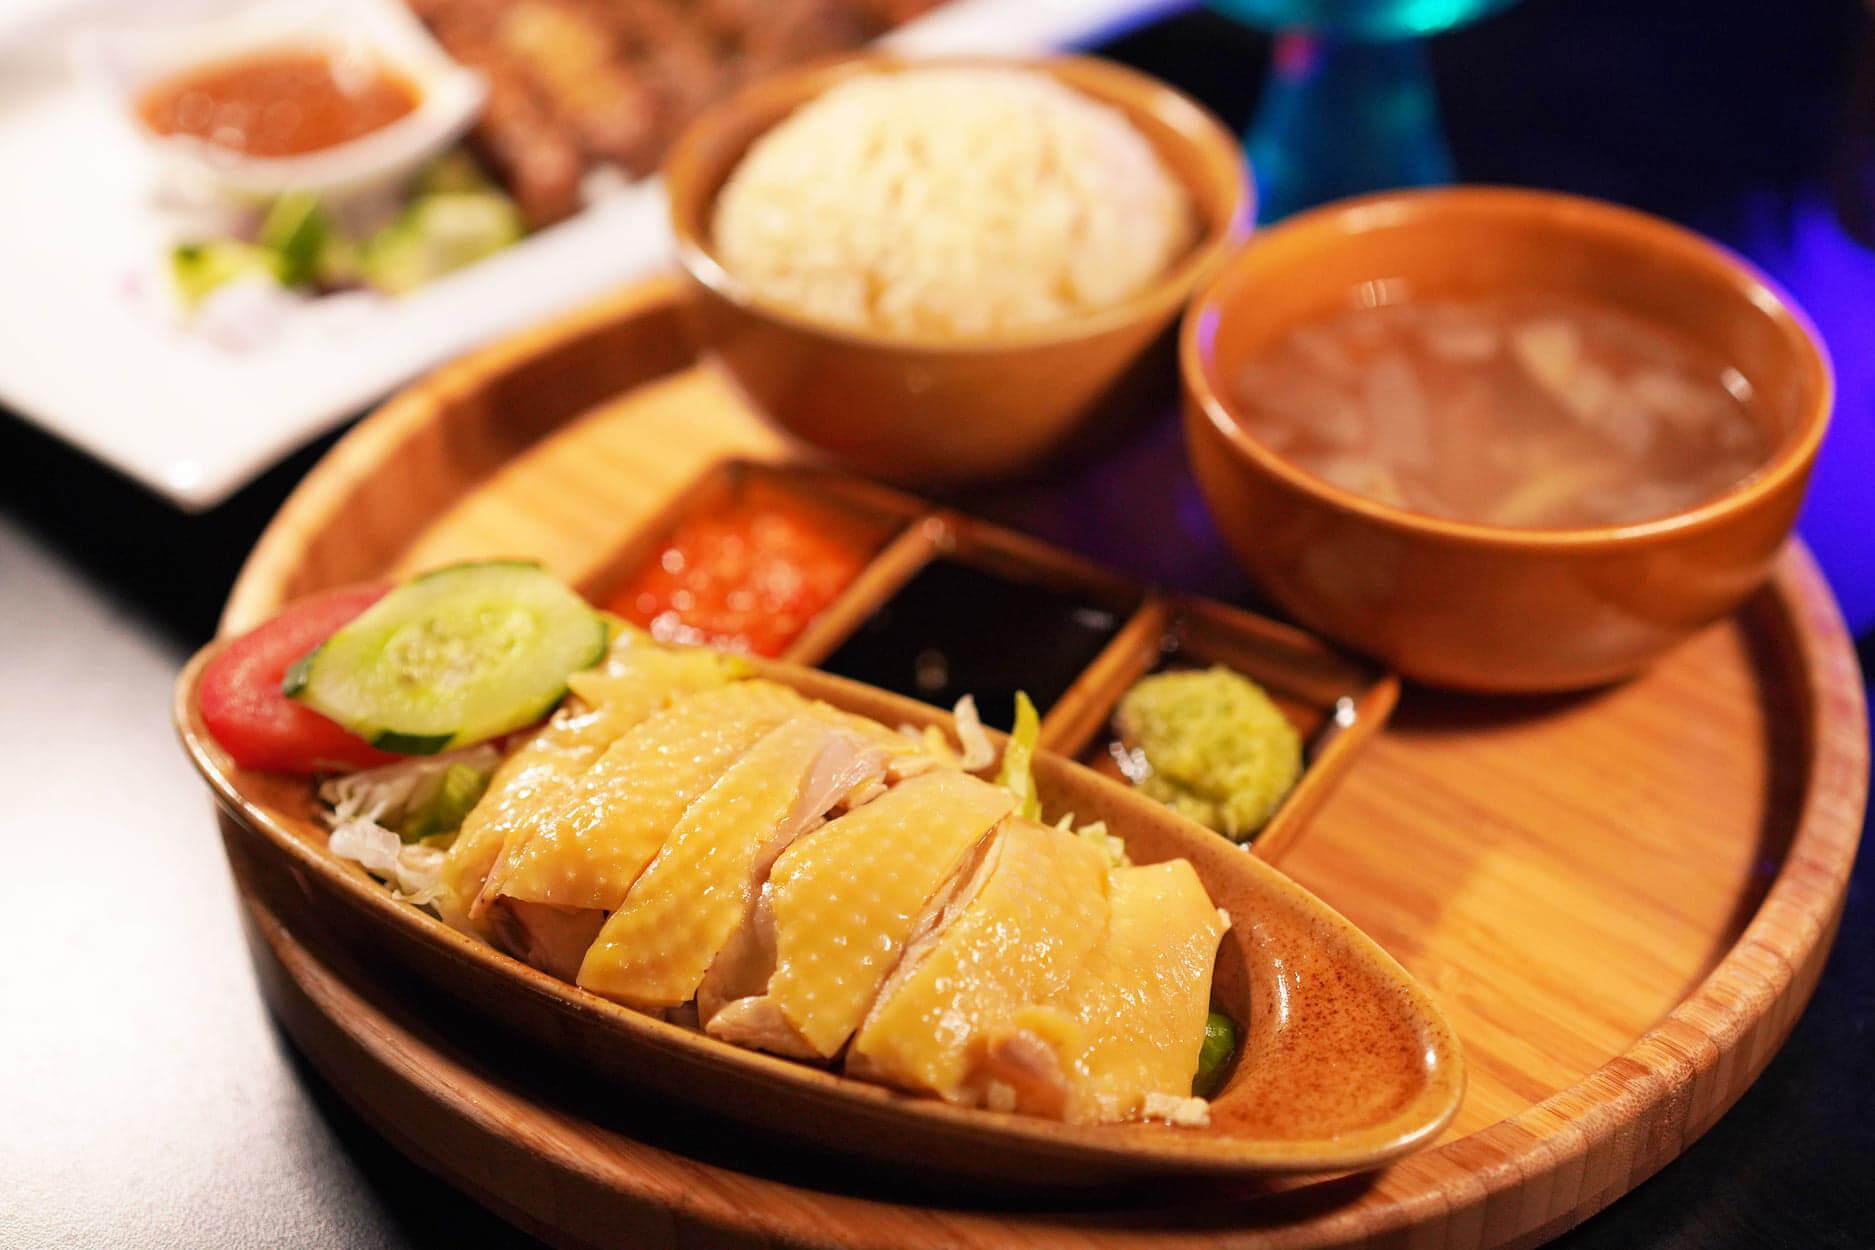 無雞海南雞飯 HK$168